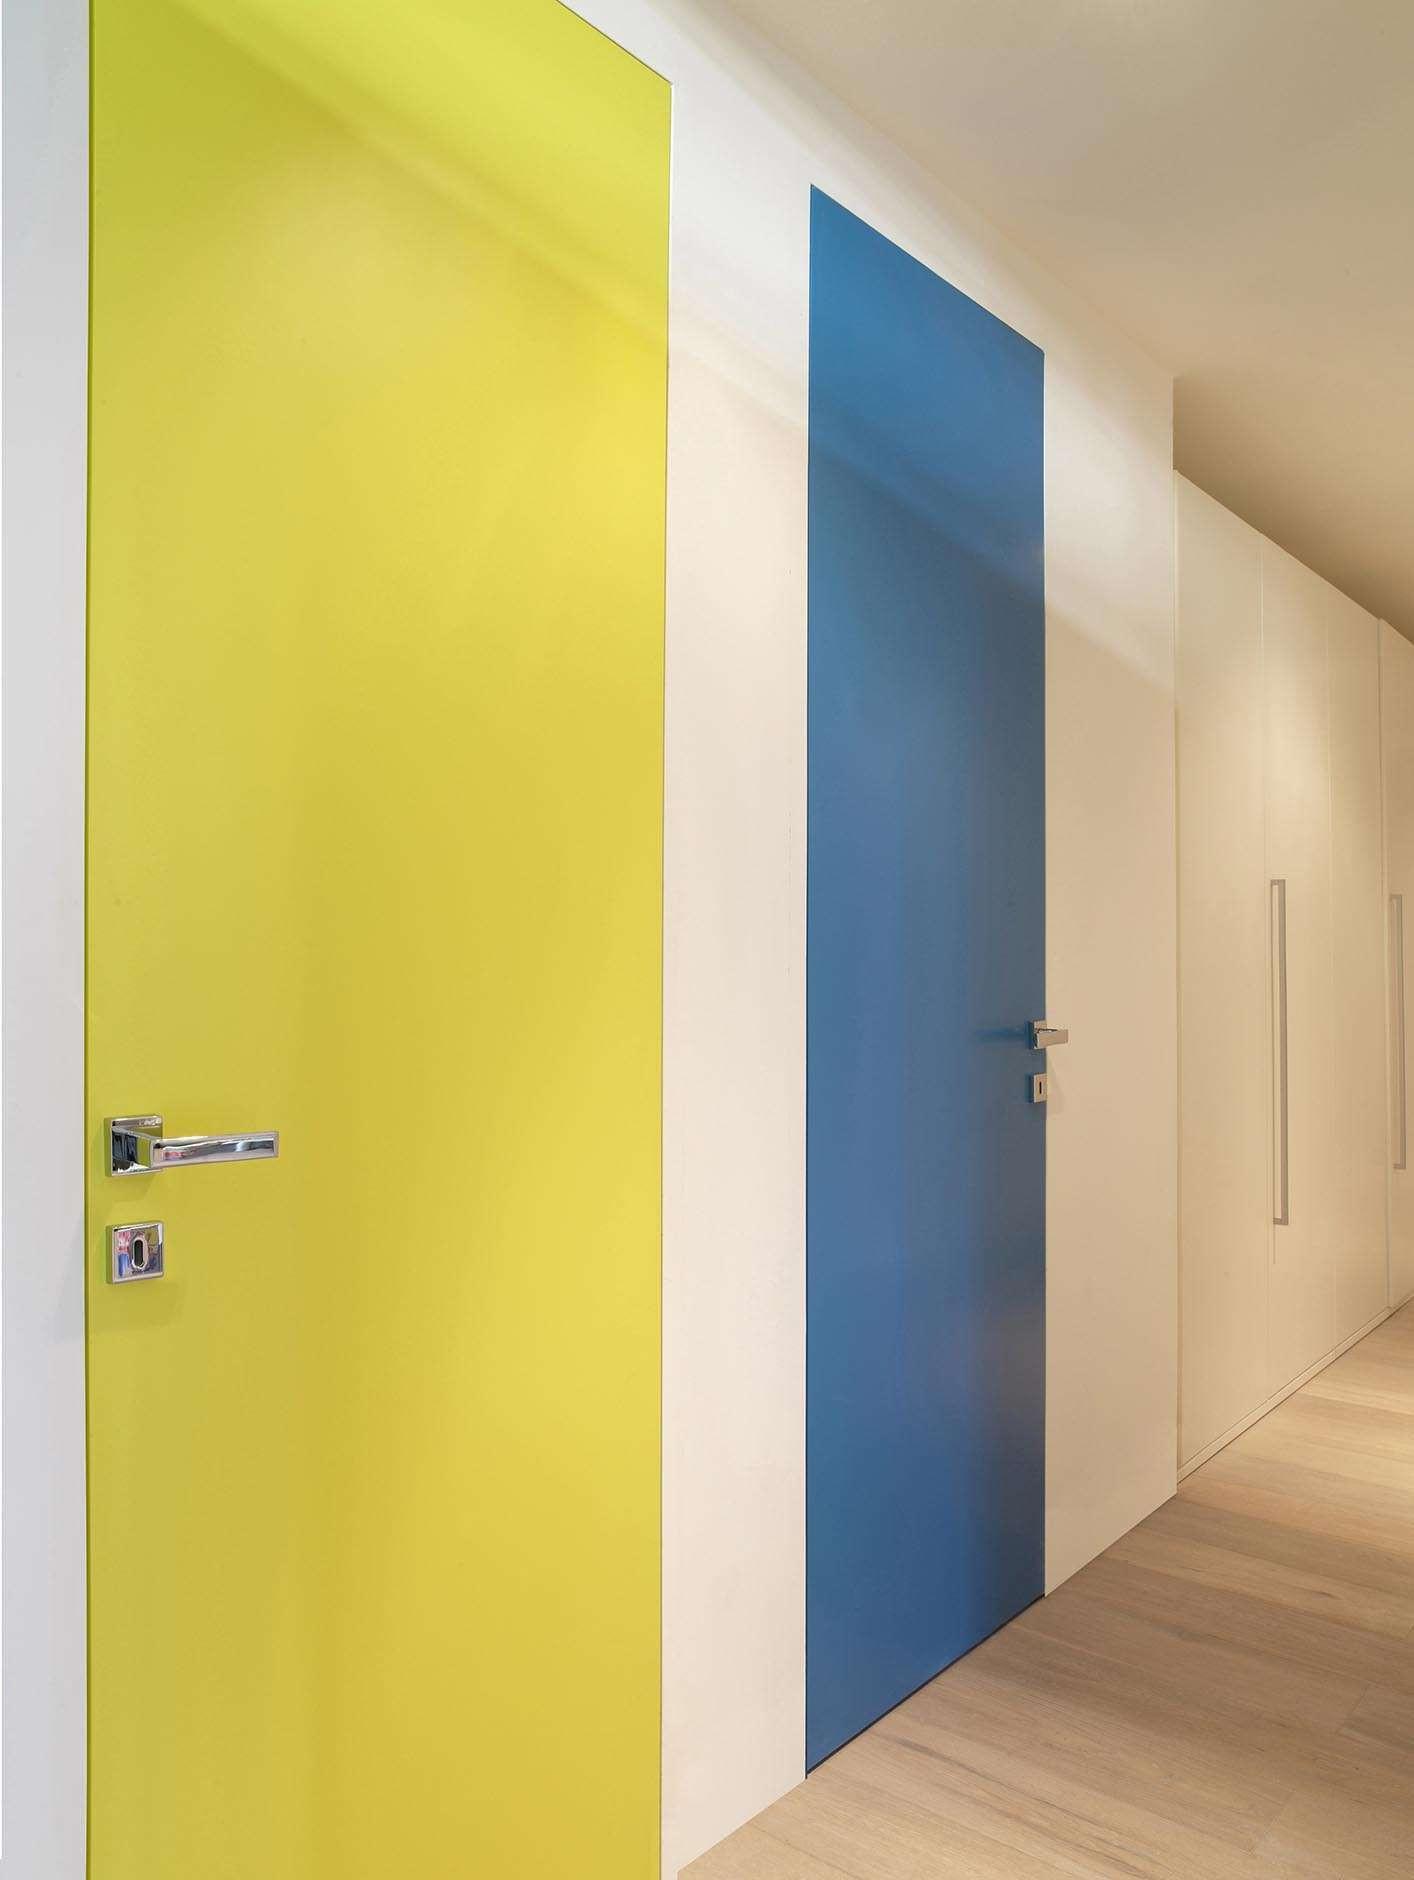 binnendeuren-geel-blauw-strak